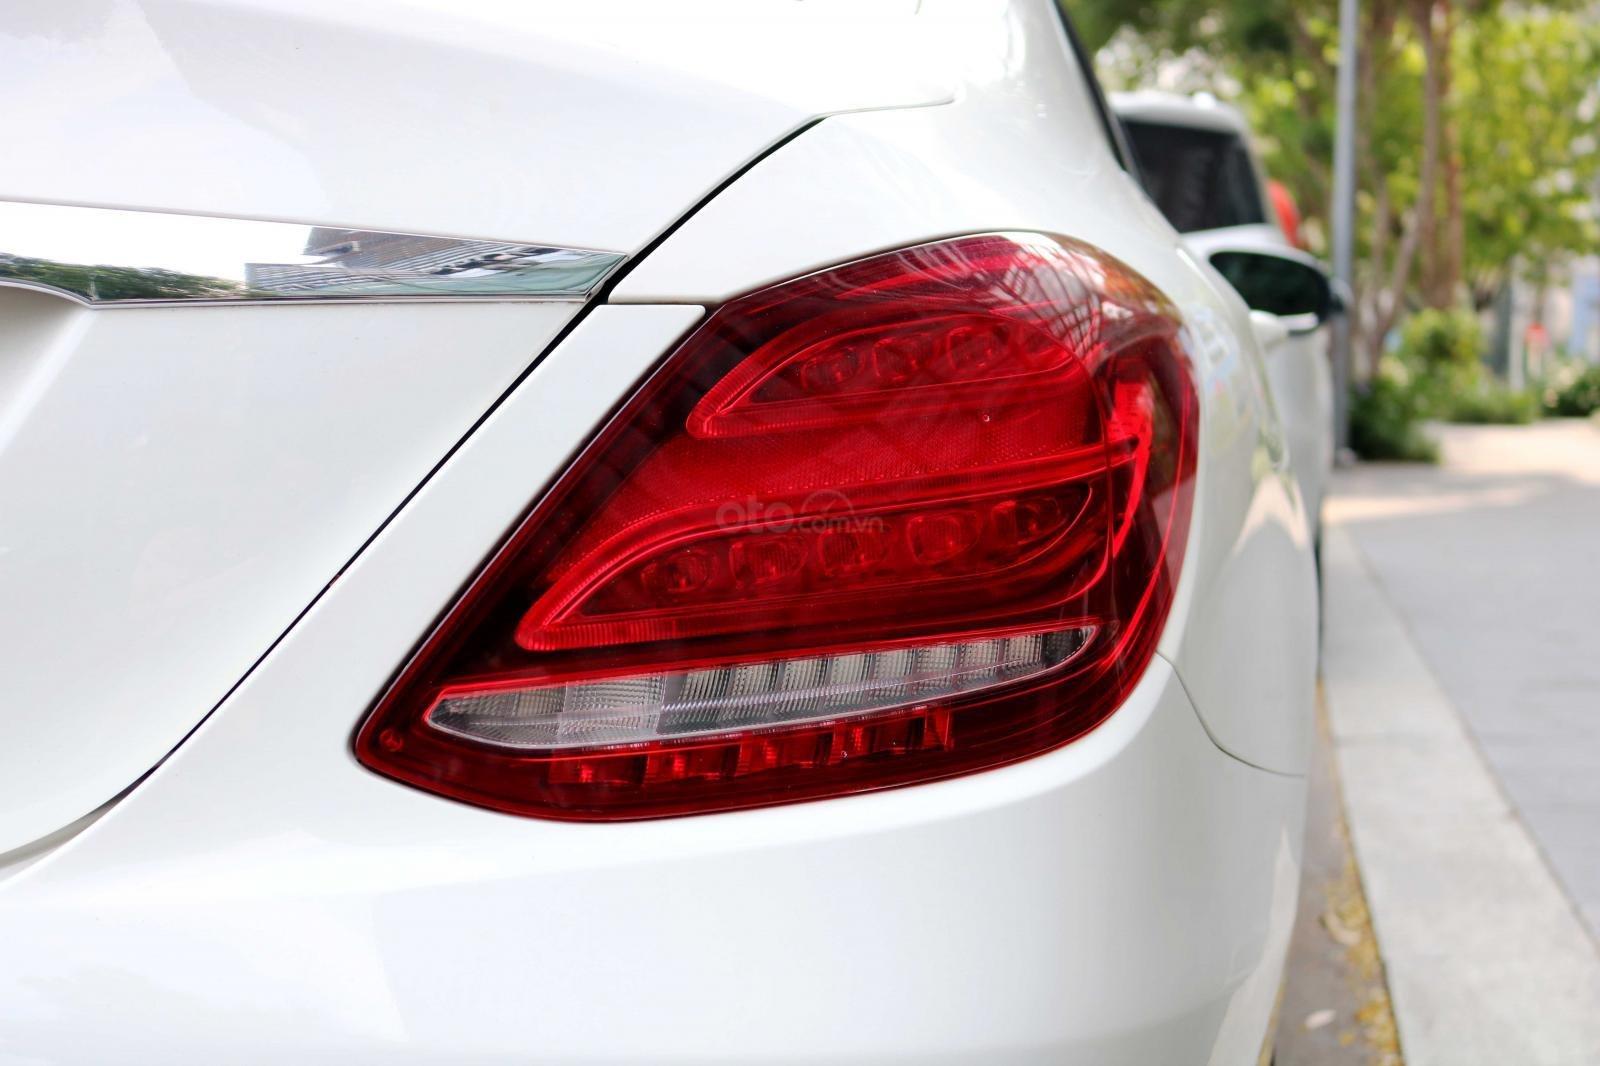 Bán xe Mercedes C200 model 2016, đi 30000km, xe chính chủ-5